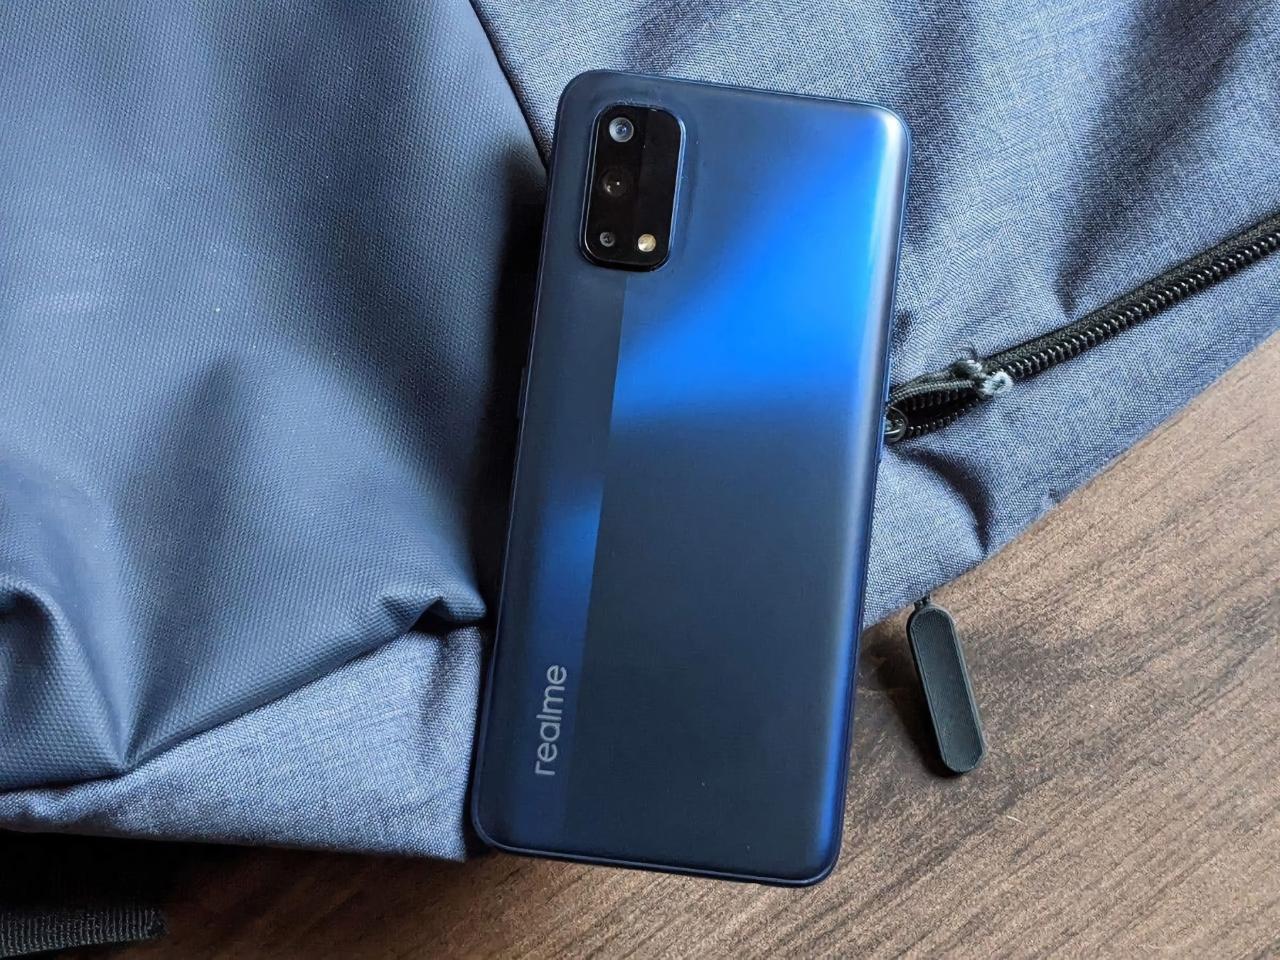 Инсайдер: Realme X9 Pro получит чип MediaTek Dimensity 1200, экран на 90 Гц и камеру на 108 МП